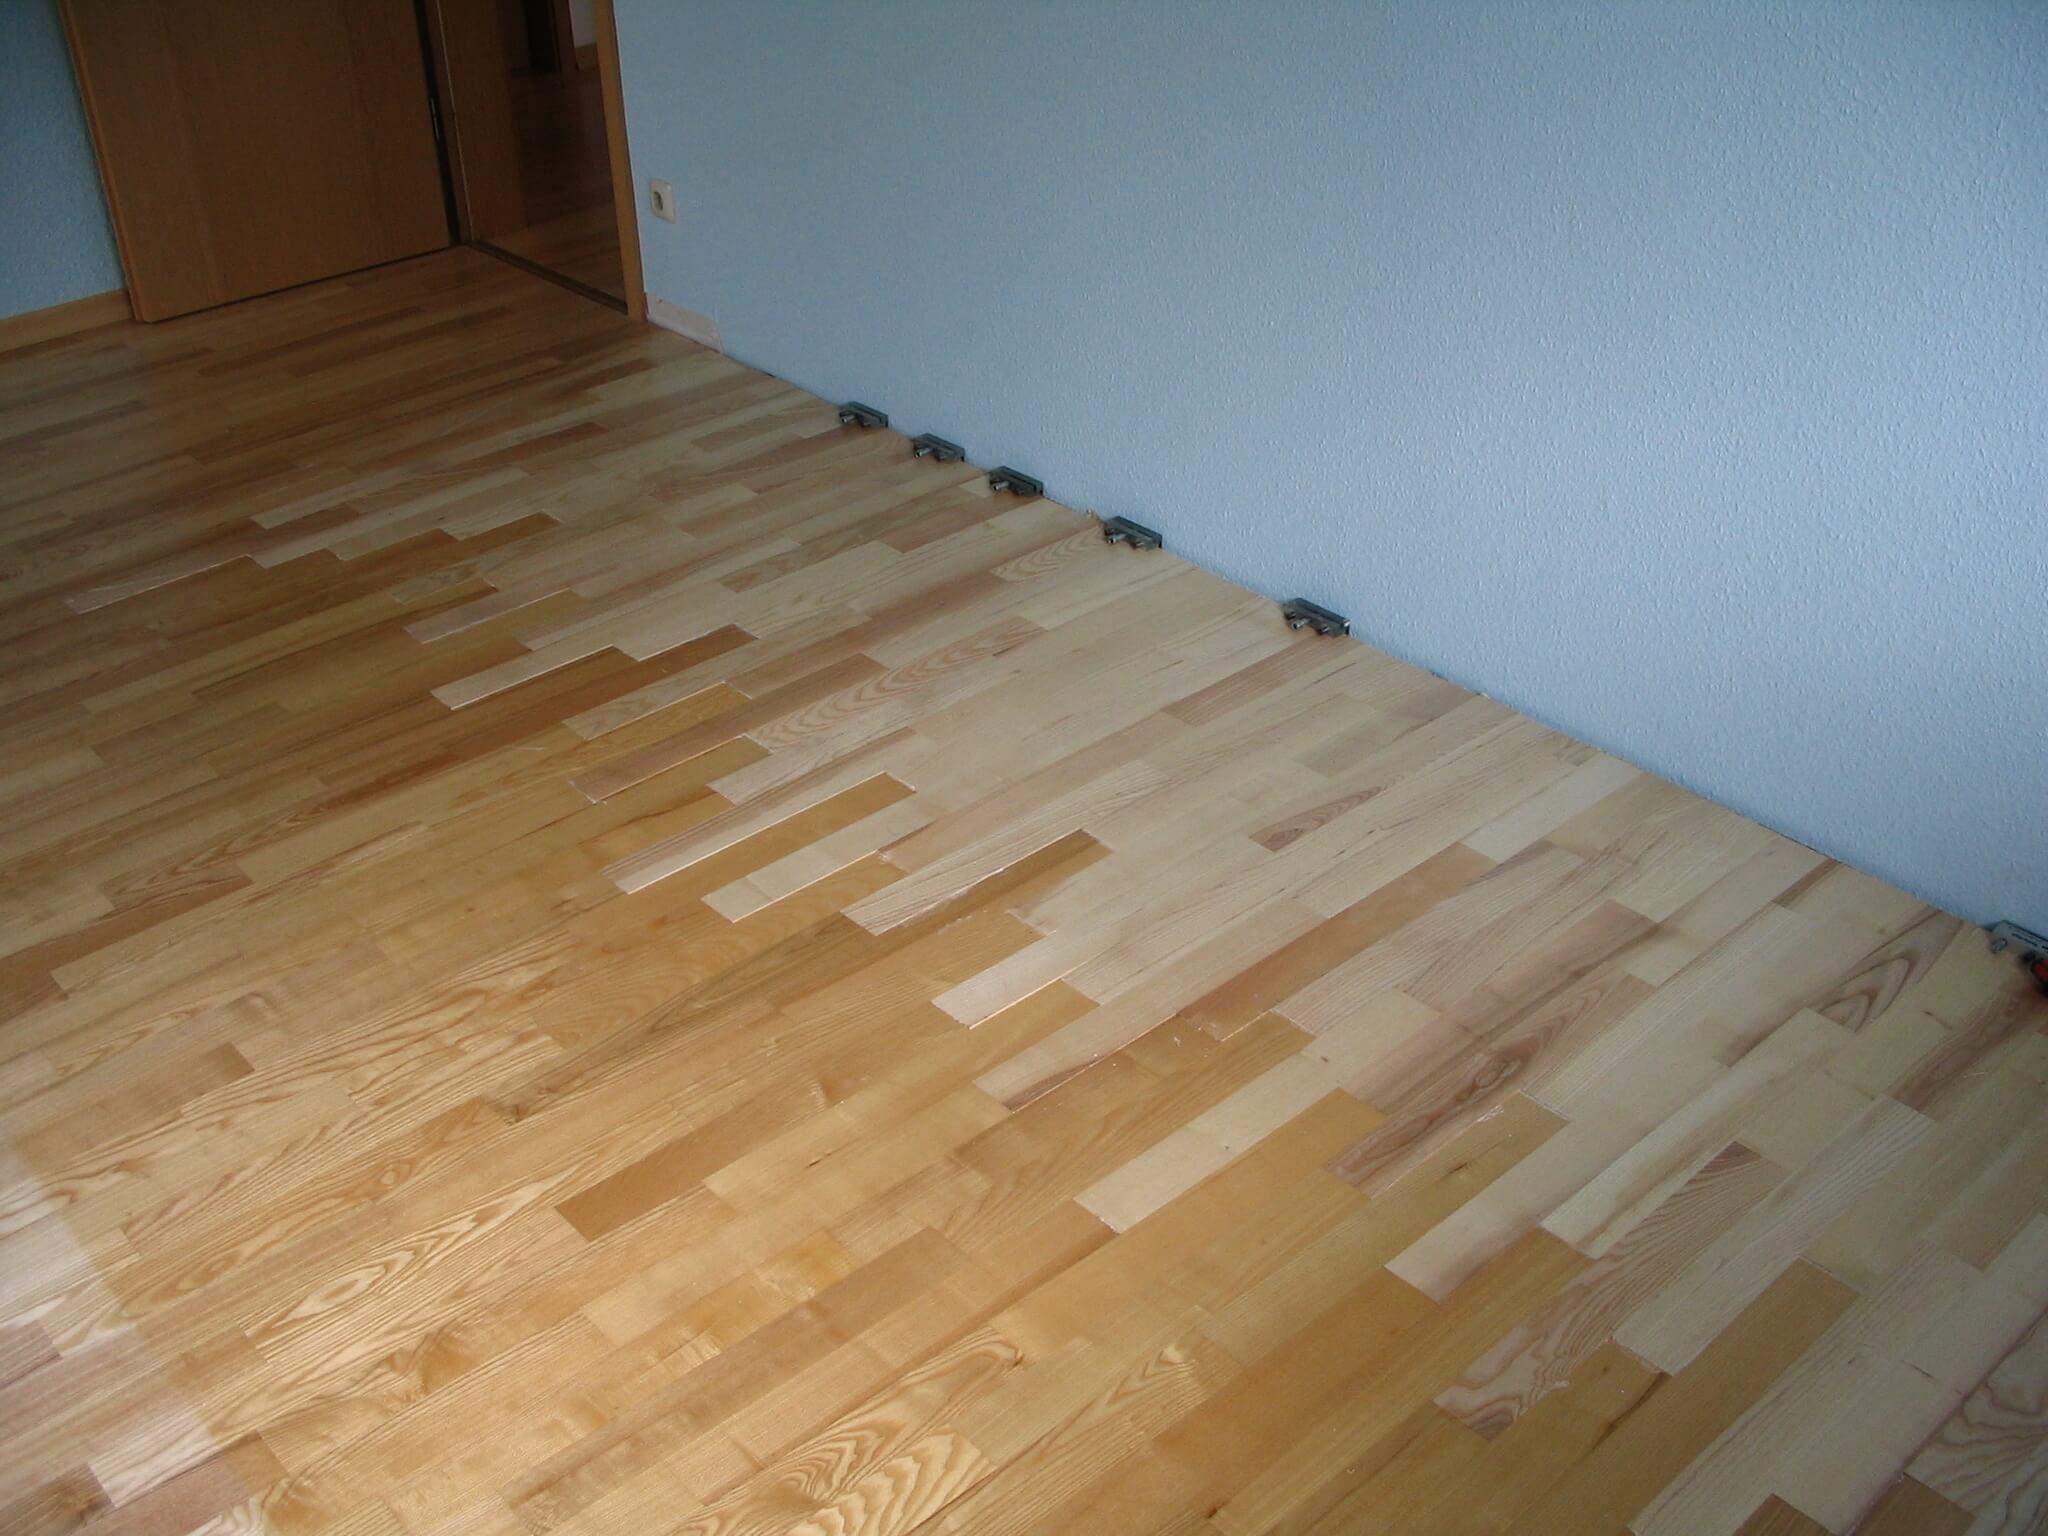 schimmel unter laminat schimmel unter dem laminat gesundheit boden ist das schimmel auf dem. Black Bedroom Furniture Sets. Home Design Ideas